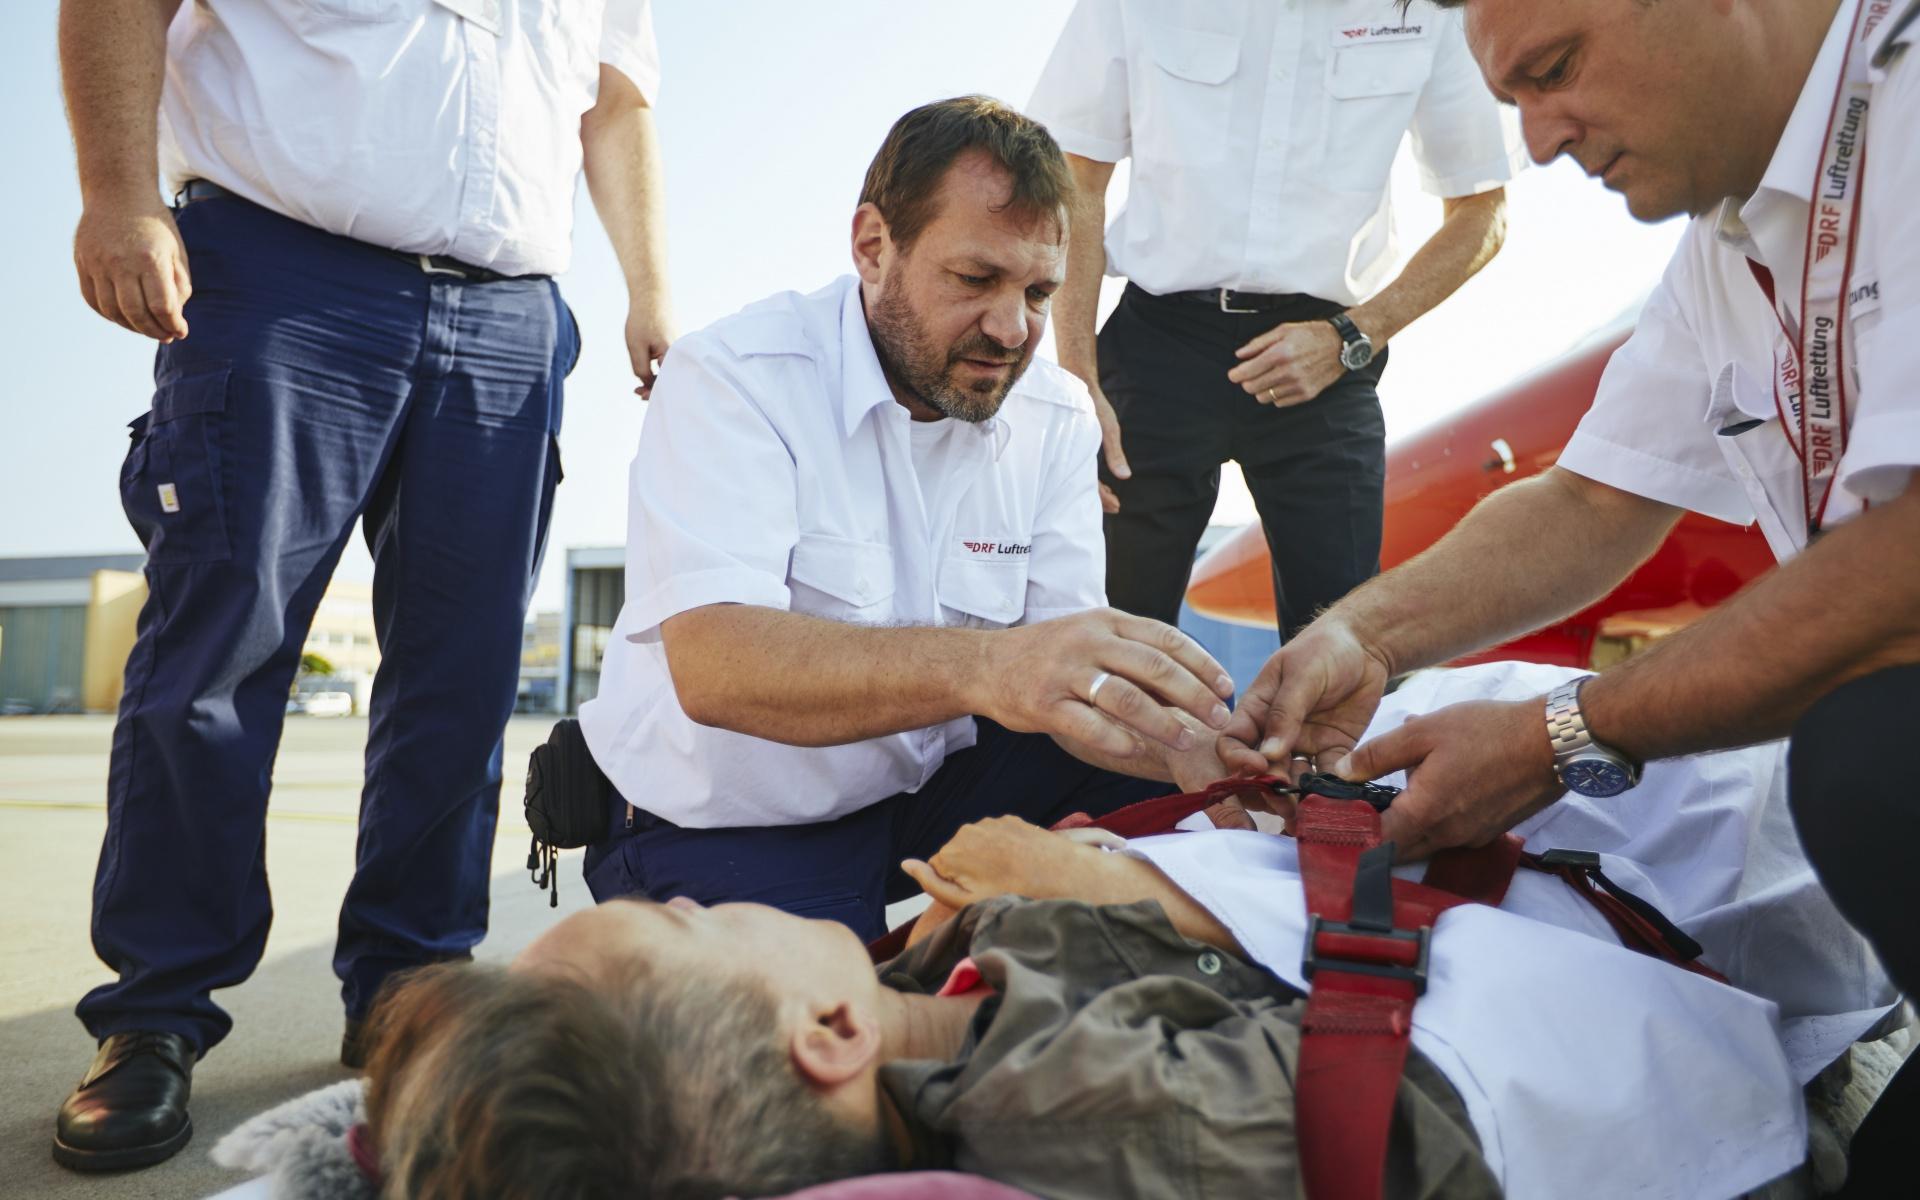 Behutsam legte die Besatzung Ilona Brandt auf eine Patiententrage, mit der sie anschließend in das Flugzeug getragen wurde. (Foto: Jens Pussel)